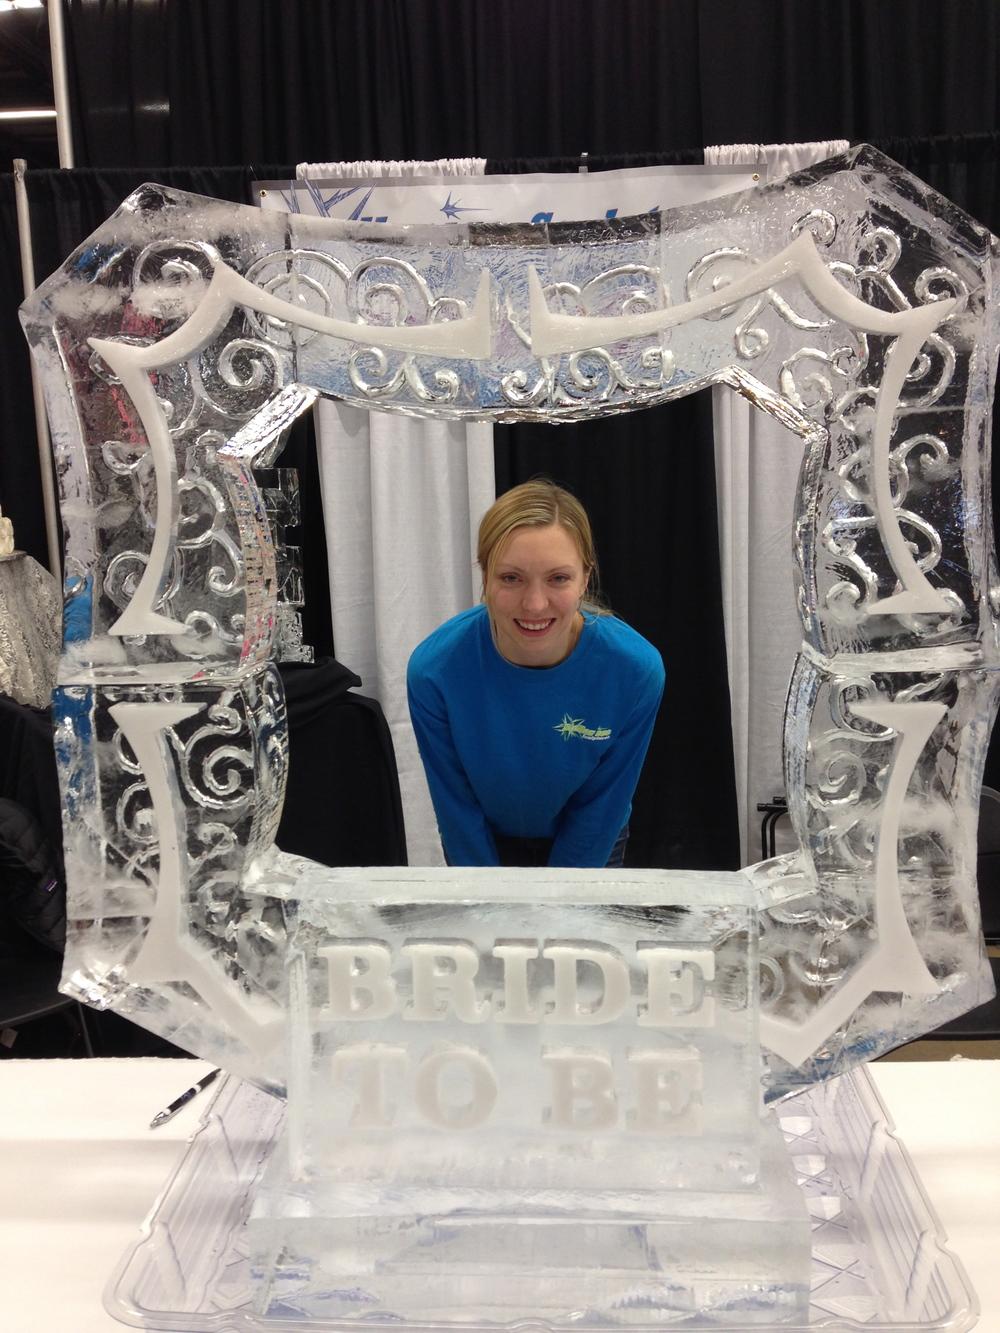 stellar-ice-sculpture-bride-to-be-dallas.jpg